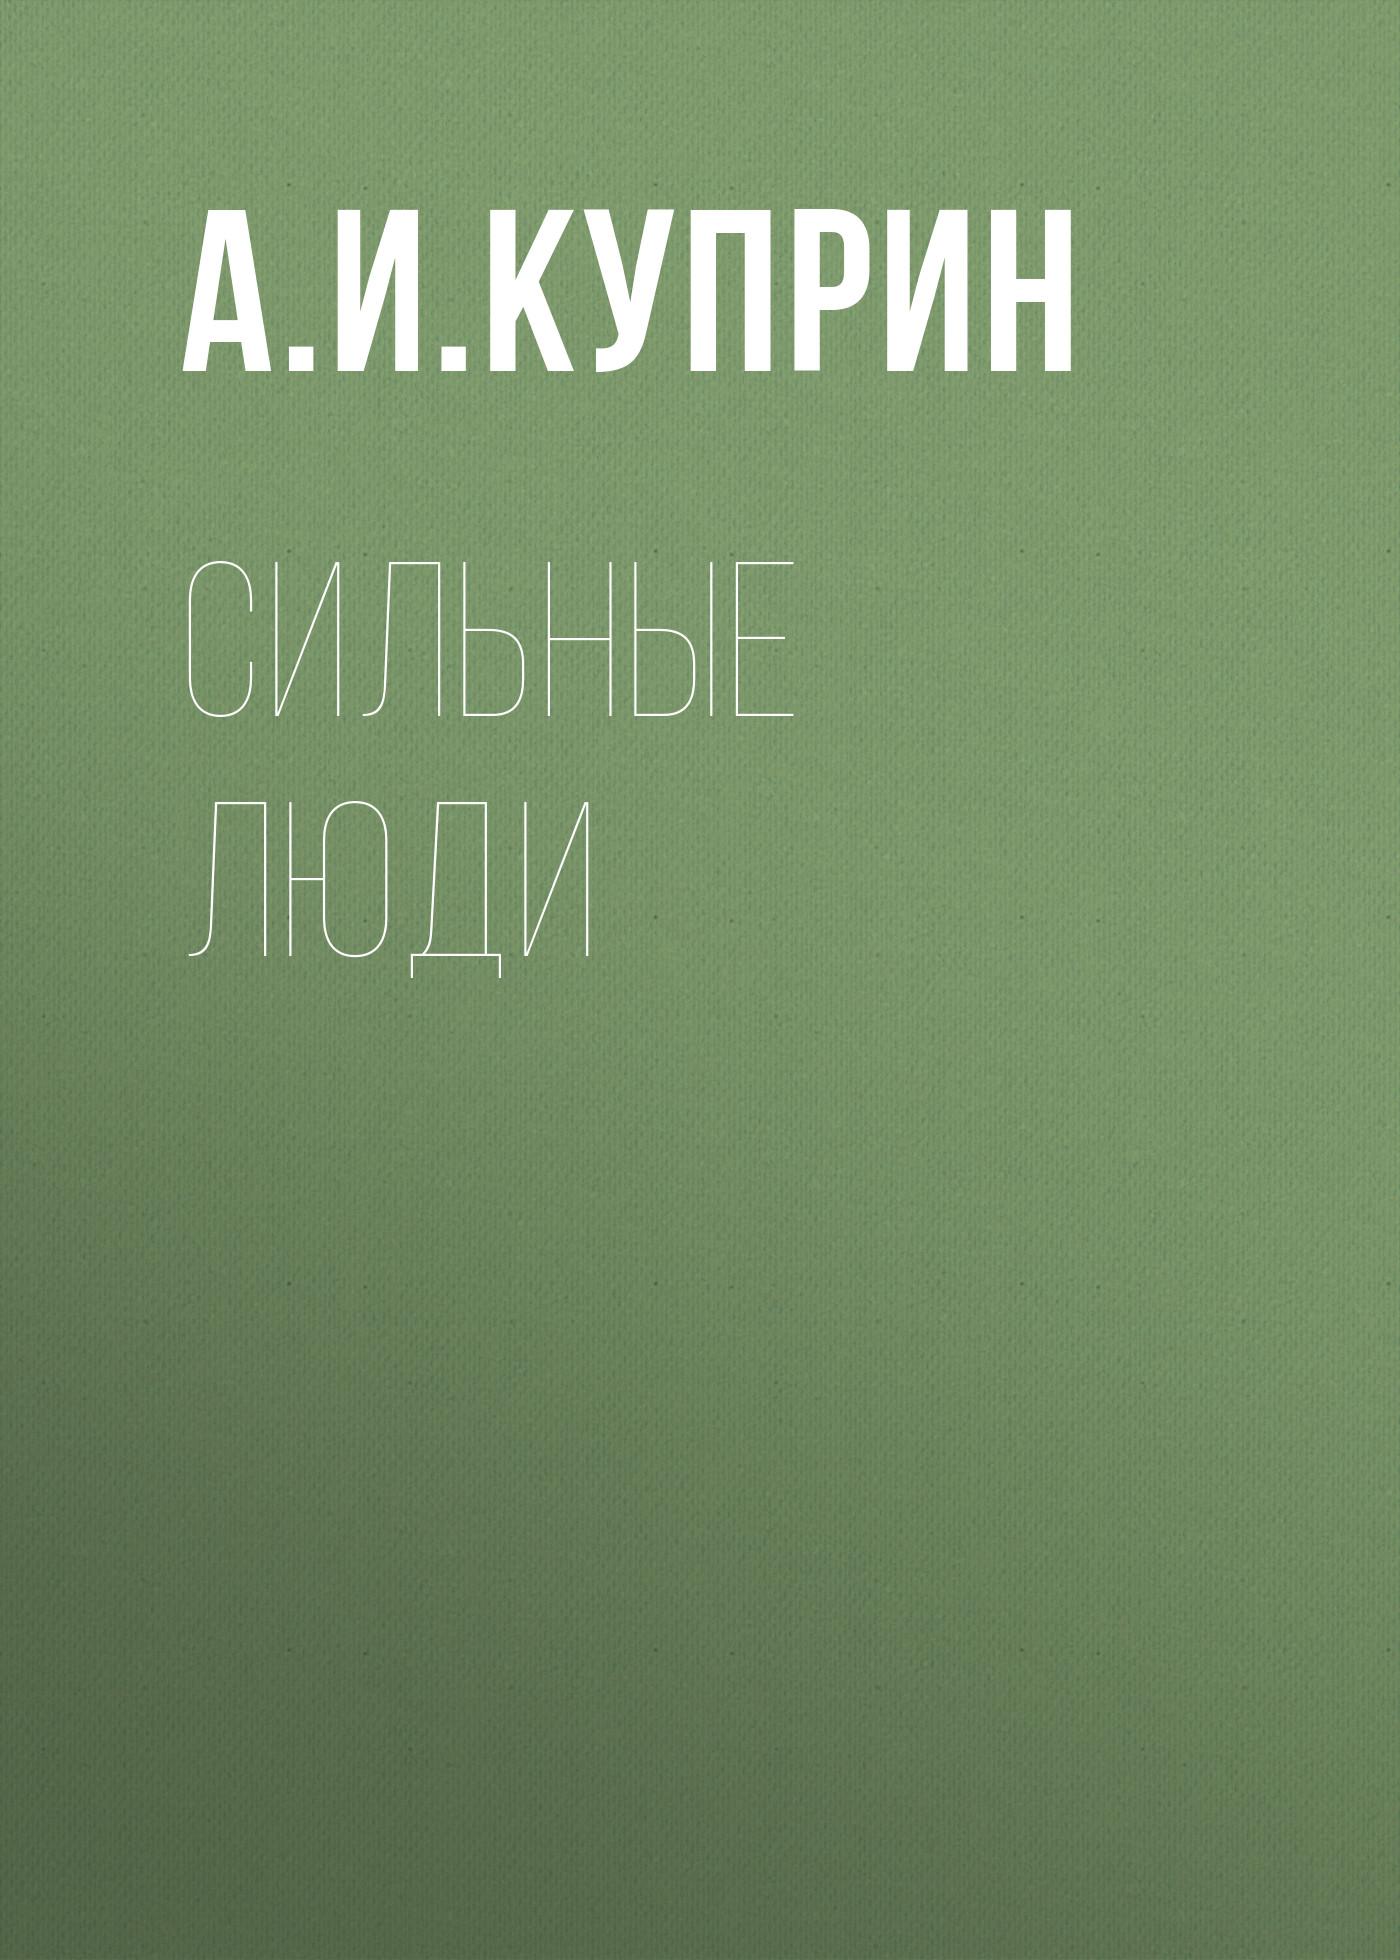 Александр Куприн Сильные люди цель вижу